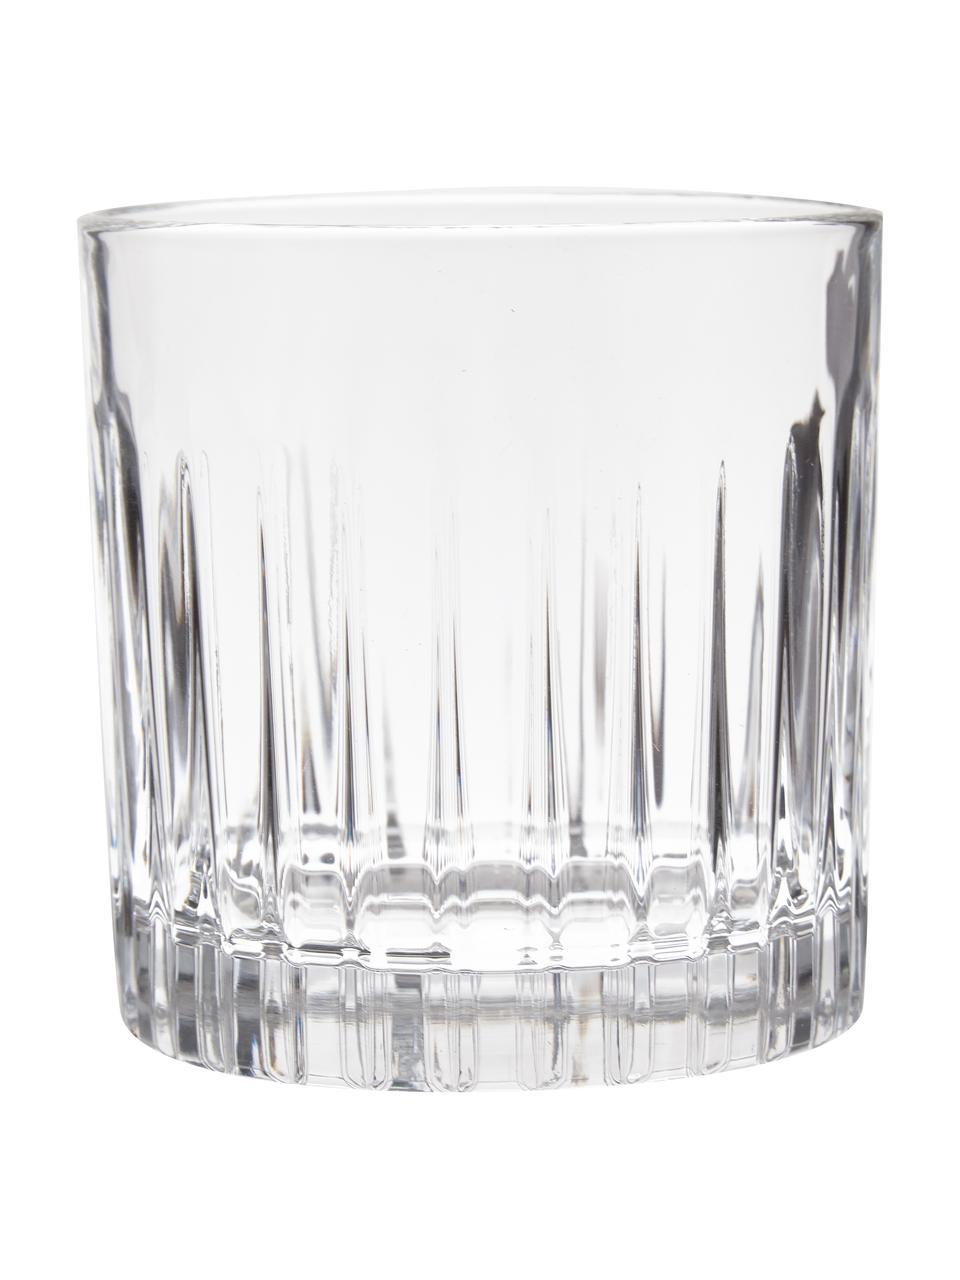 Kristall-Whisky-Set Timeless mit Rillenrelief, 7-tlg., Luxion-Kristallglas, Transparent, Set mit verschiedenen Größen